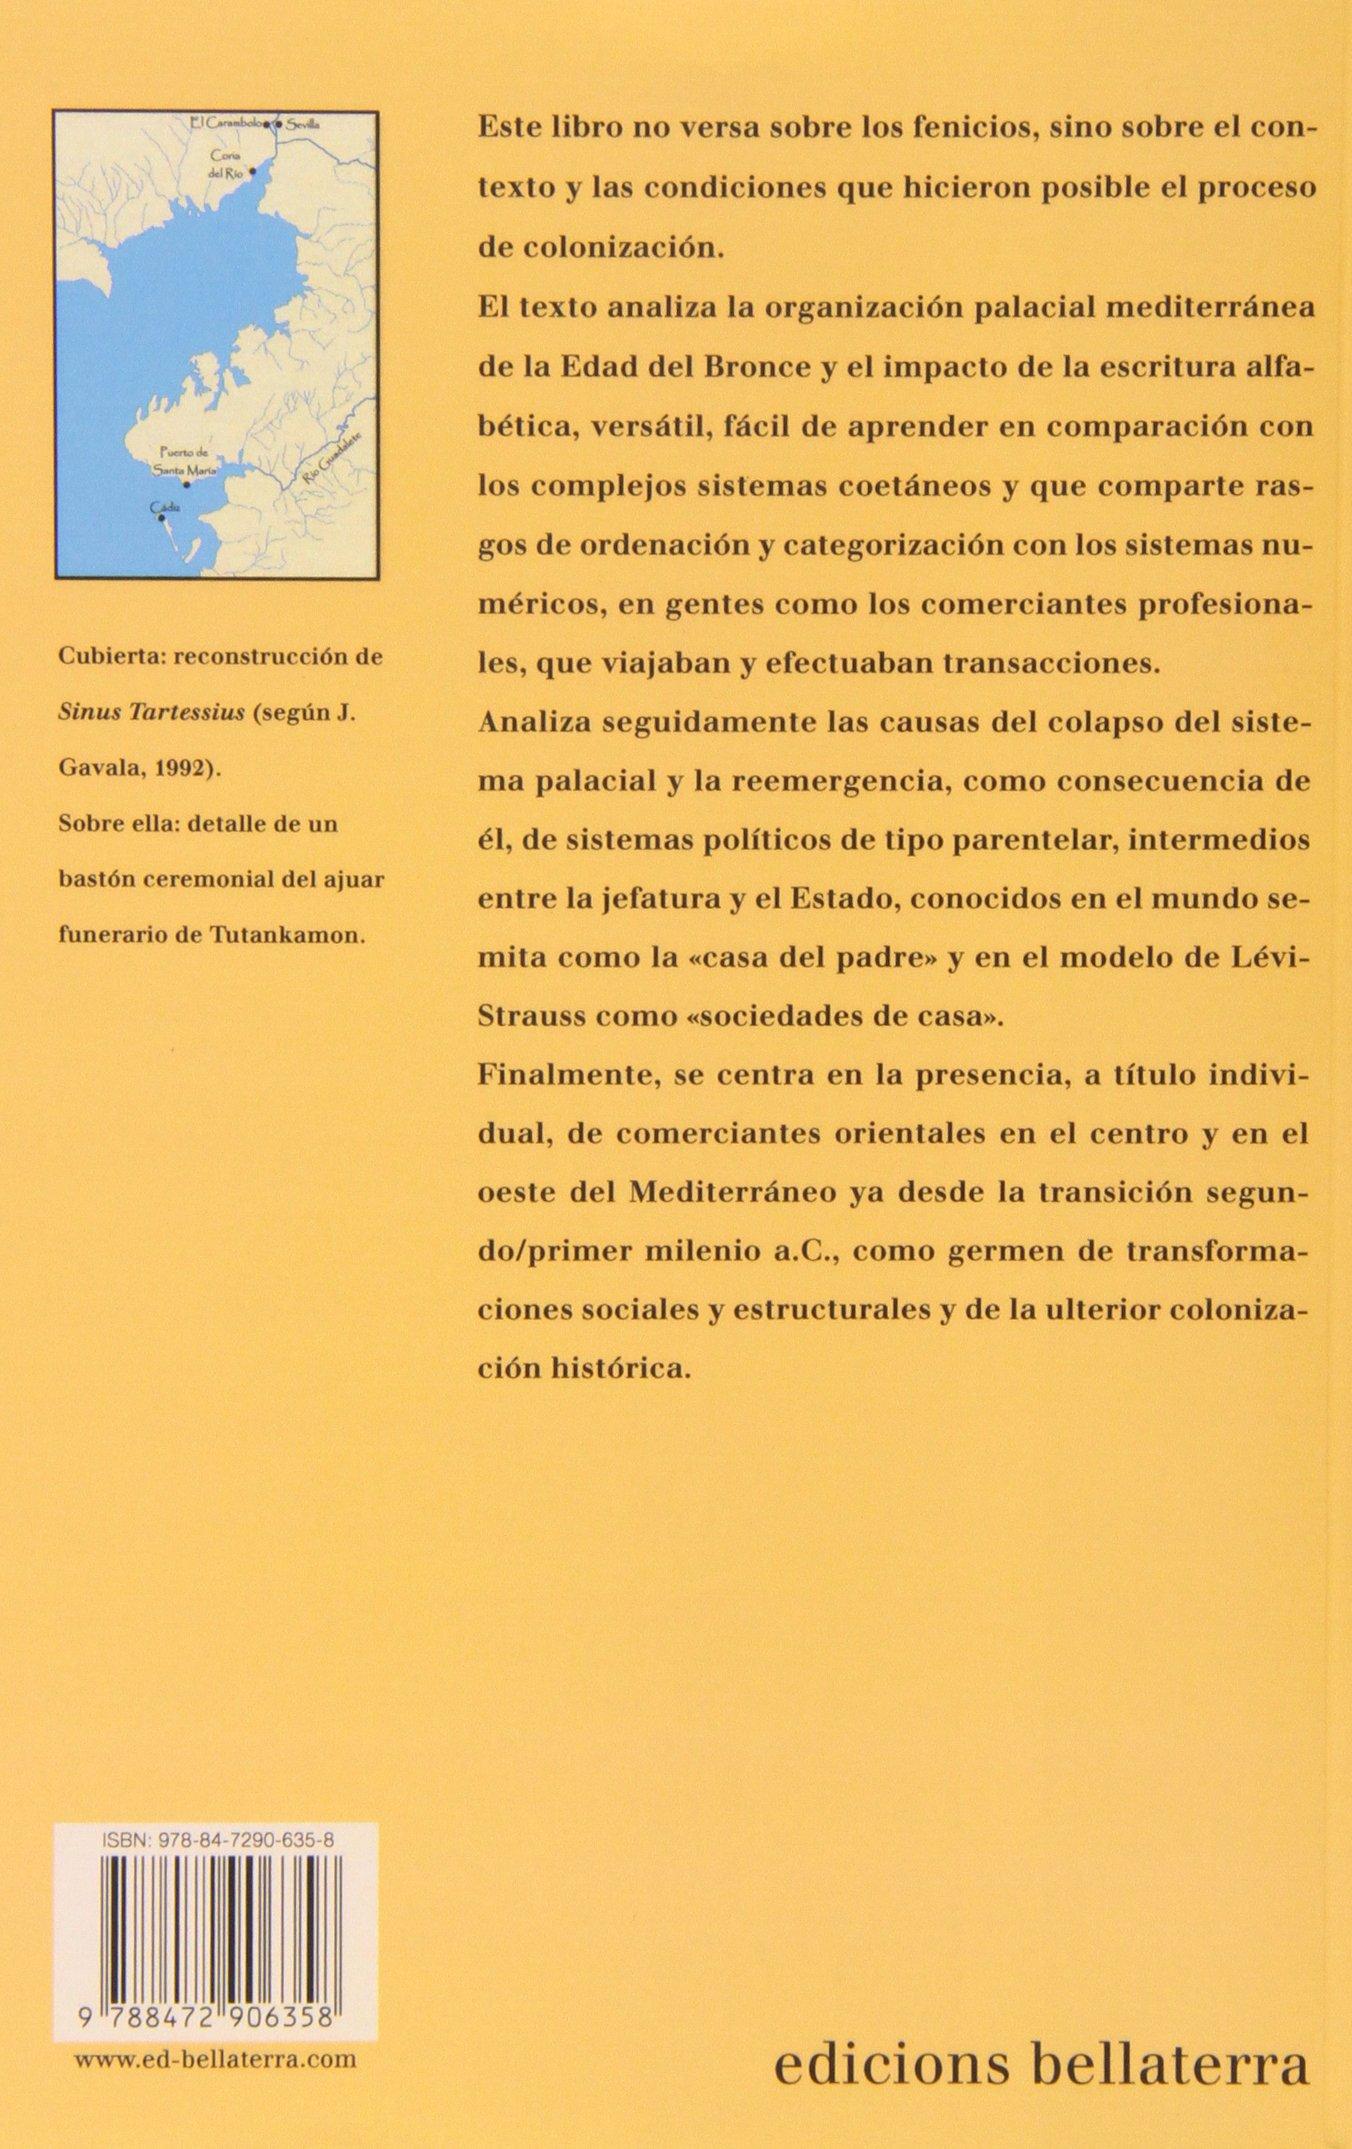 Con El Fenicio En Los Talones. Los Inicios De La Edad Del Hierro En La Cuenca Del Mediterráneo Arqueologia bellaterra: Amazon.es: Ruiz Galvez Pri: Libros